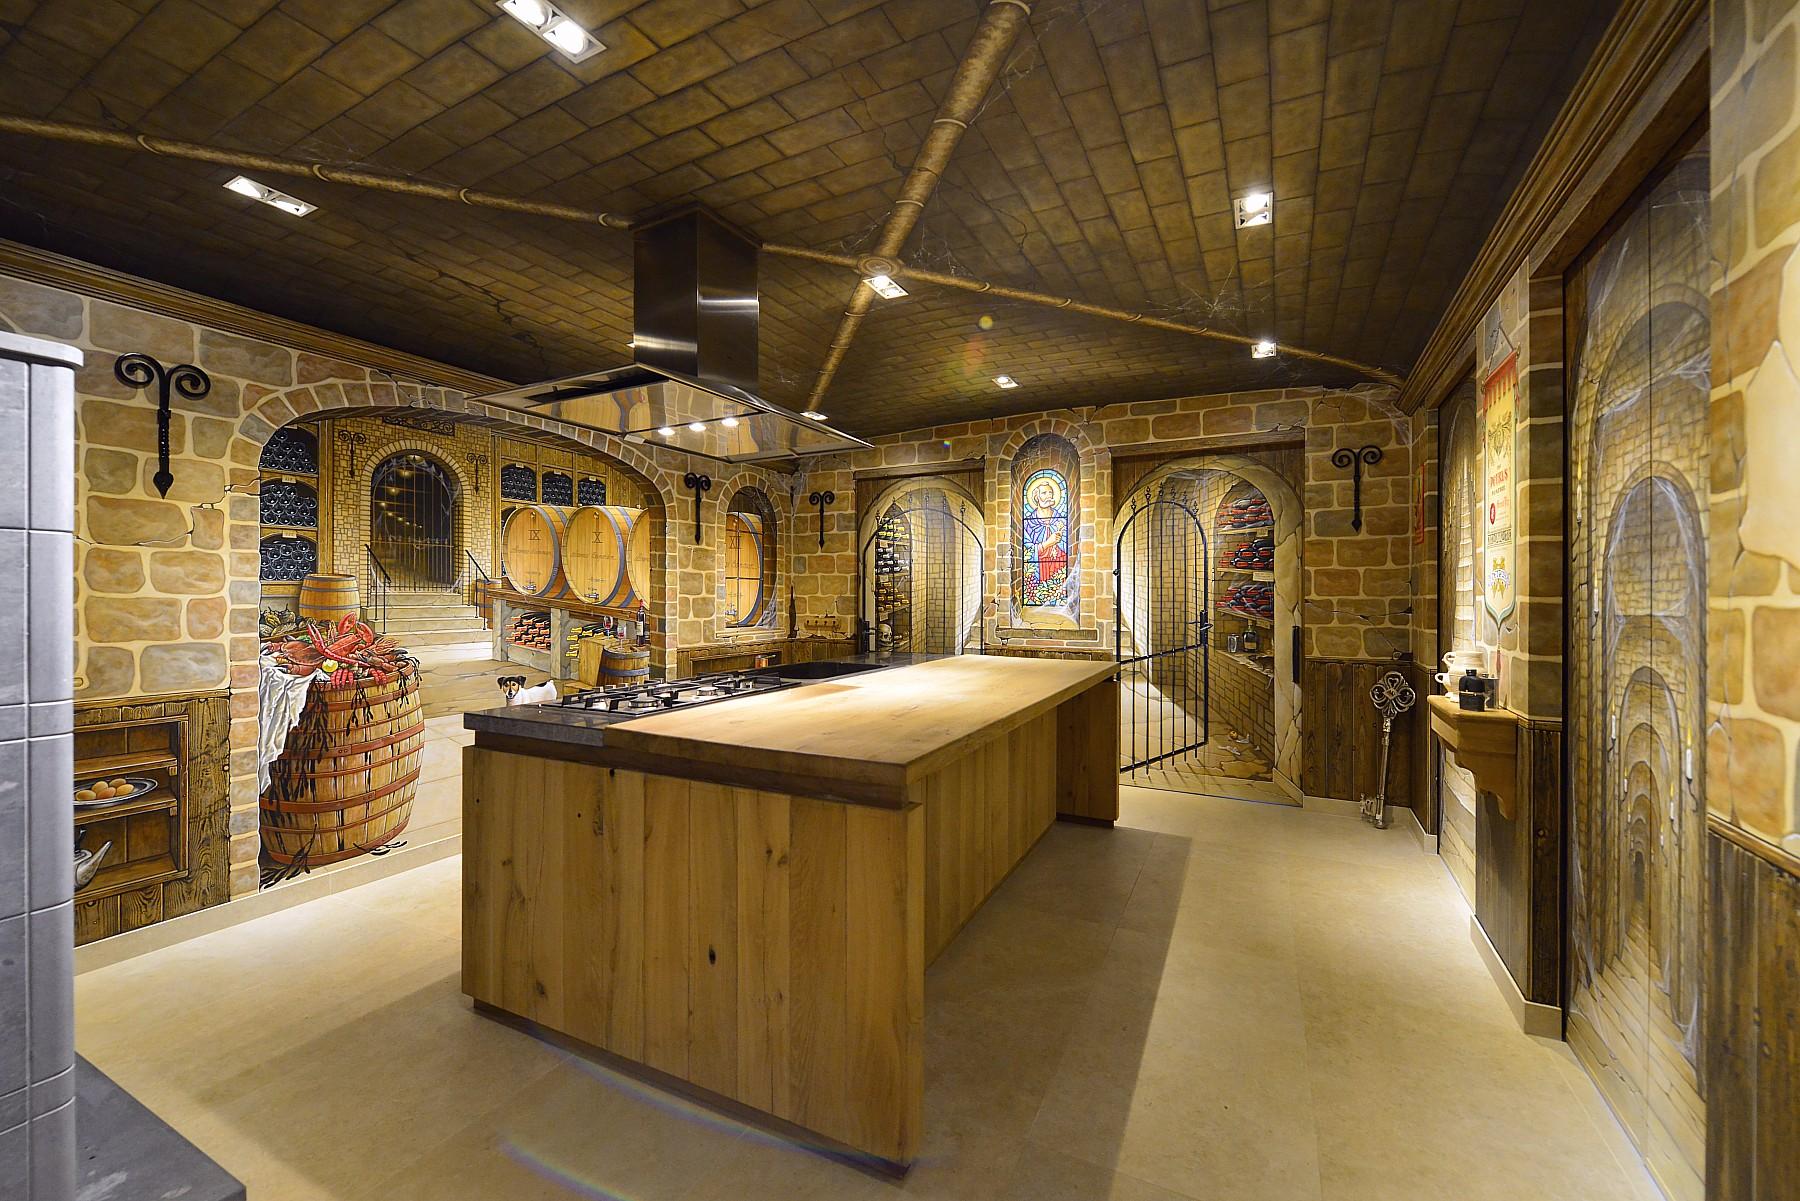 Muurschilderingen rond het thema wijnkelder in een keuken